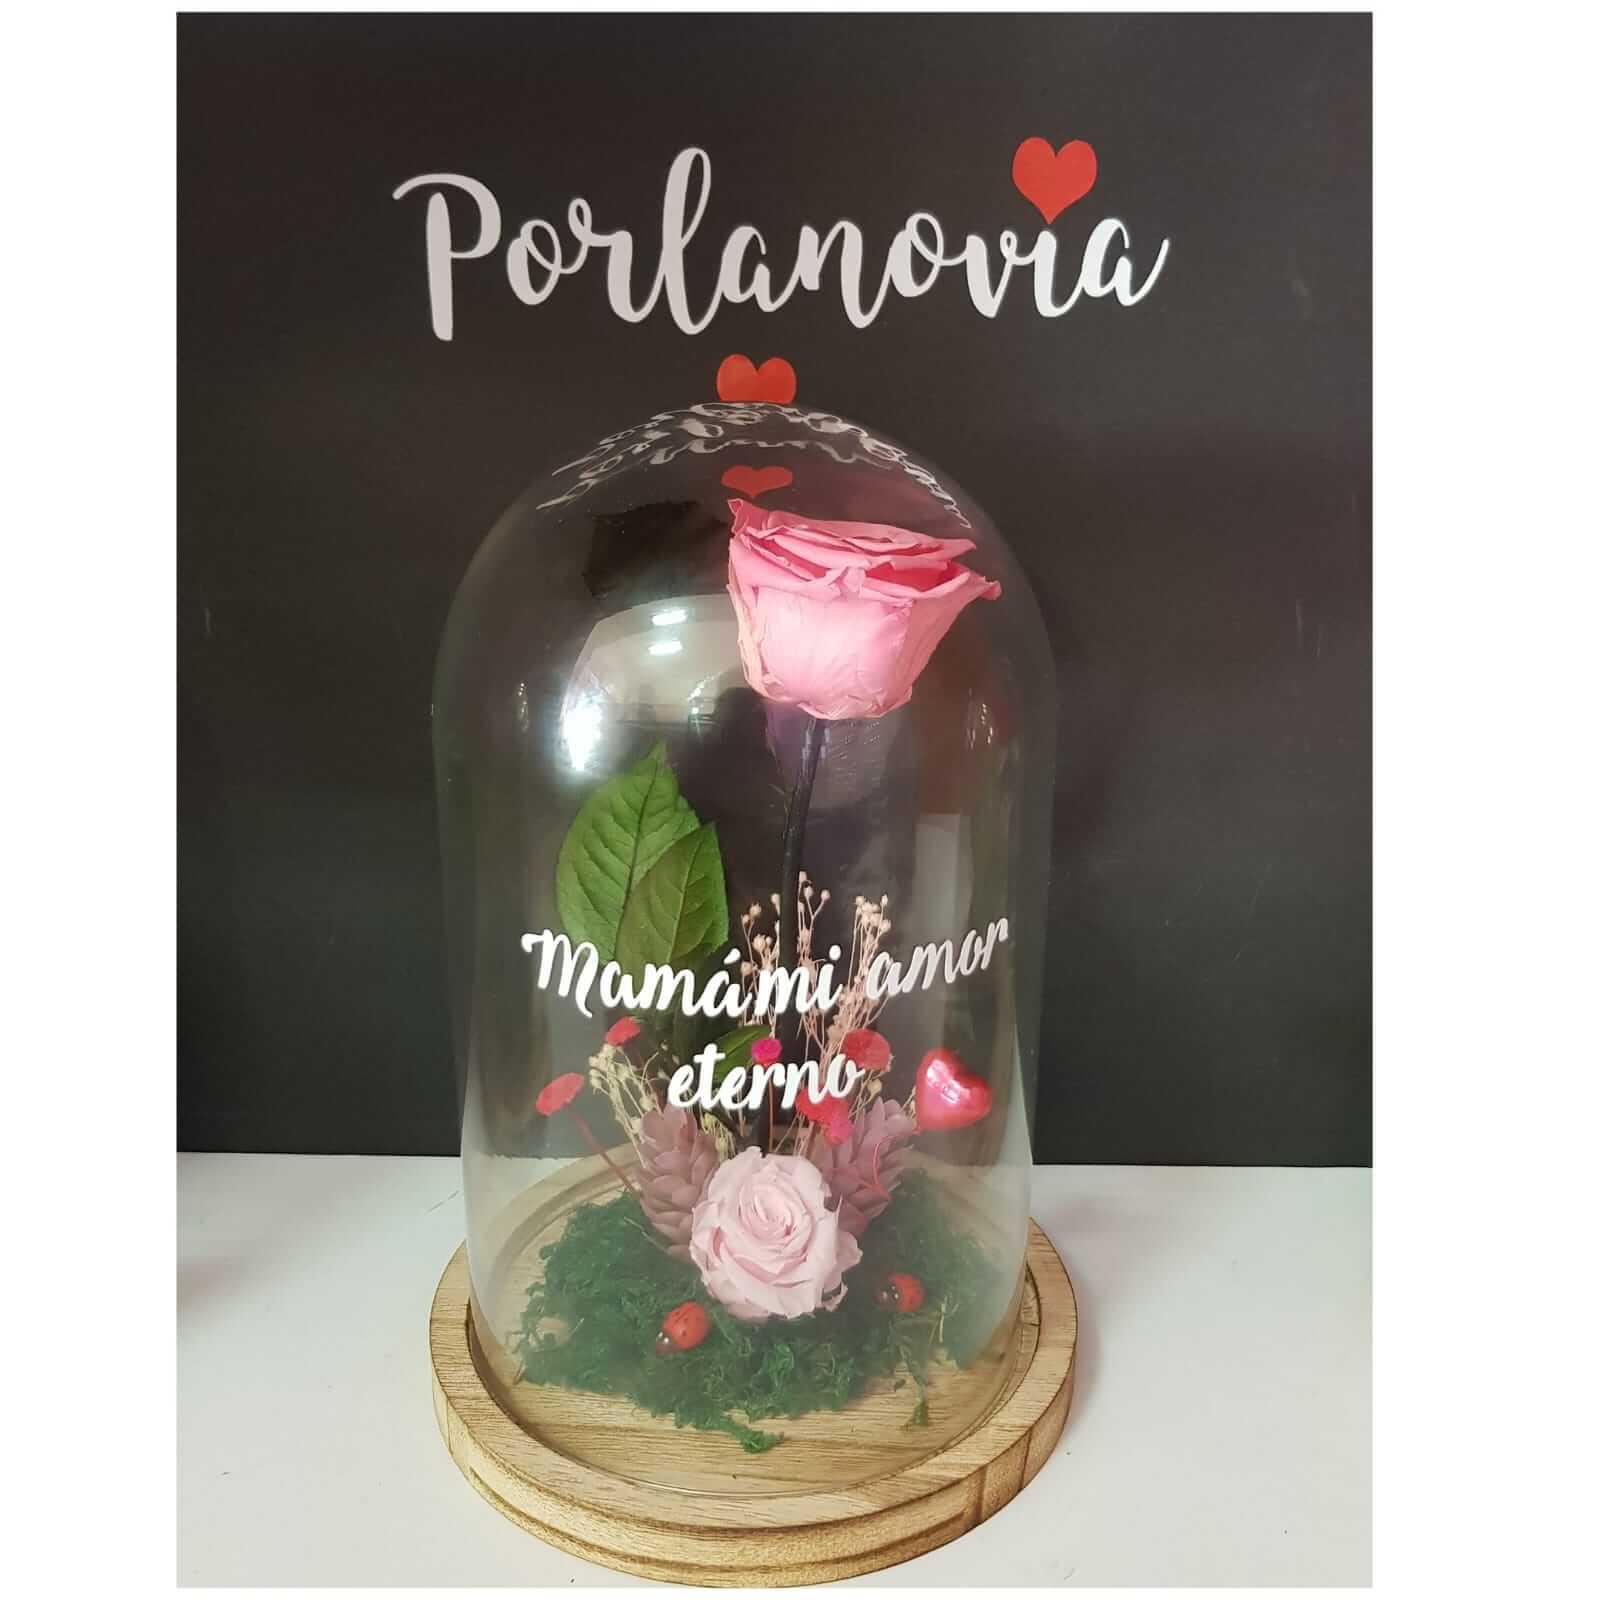 cupula de cristal cupula de cristal - cupula de cristal con rosa 2 - Cupula de cristal | Cupula de cristal, con rosa preservada